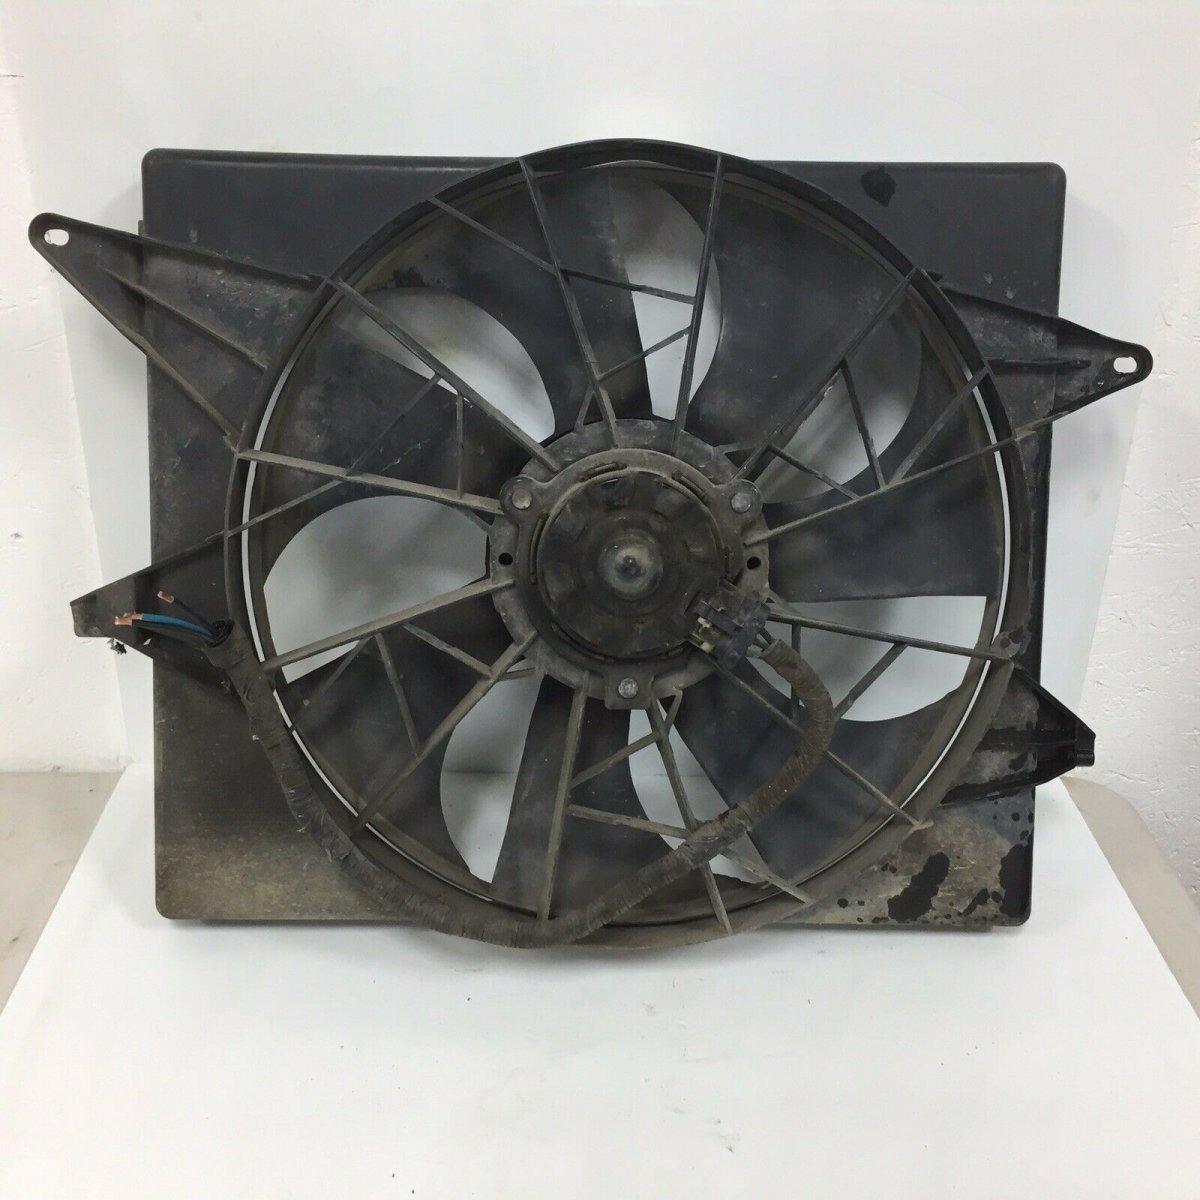 Mark III fan.jpg